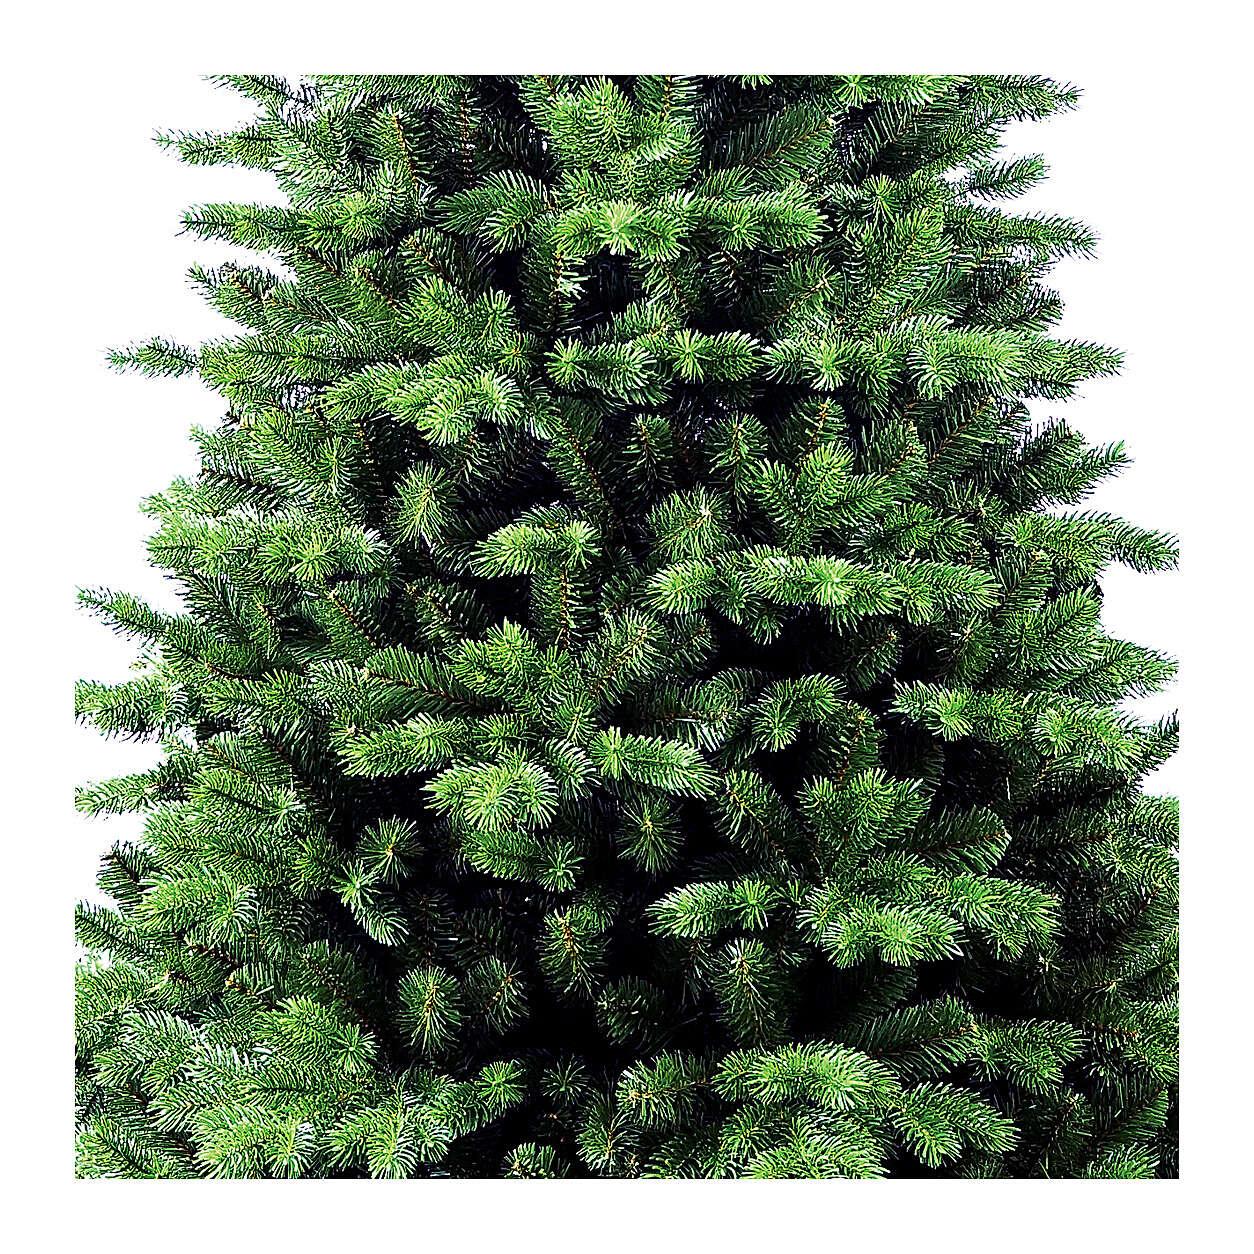 Weihnachtsbaum grün Dufour Winter Woodland, 210 cm 3